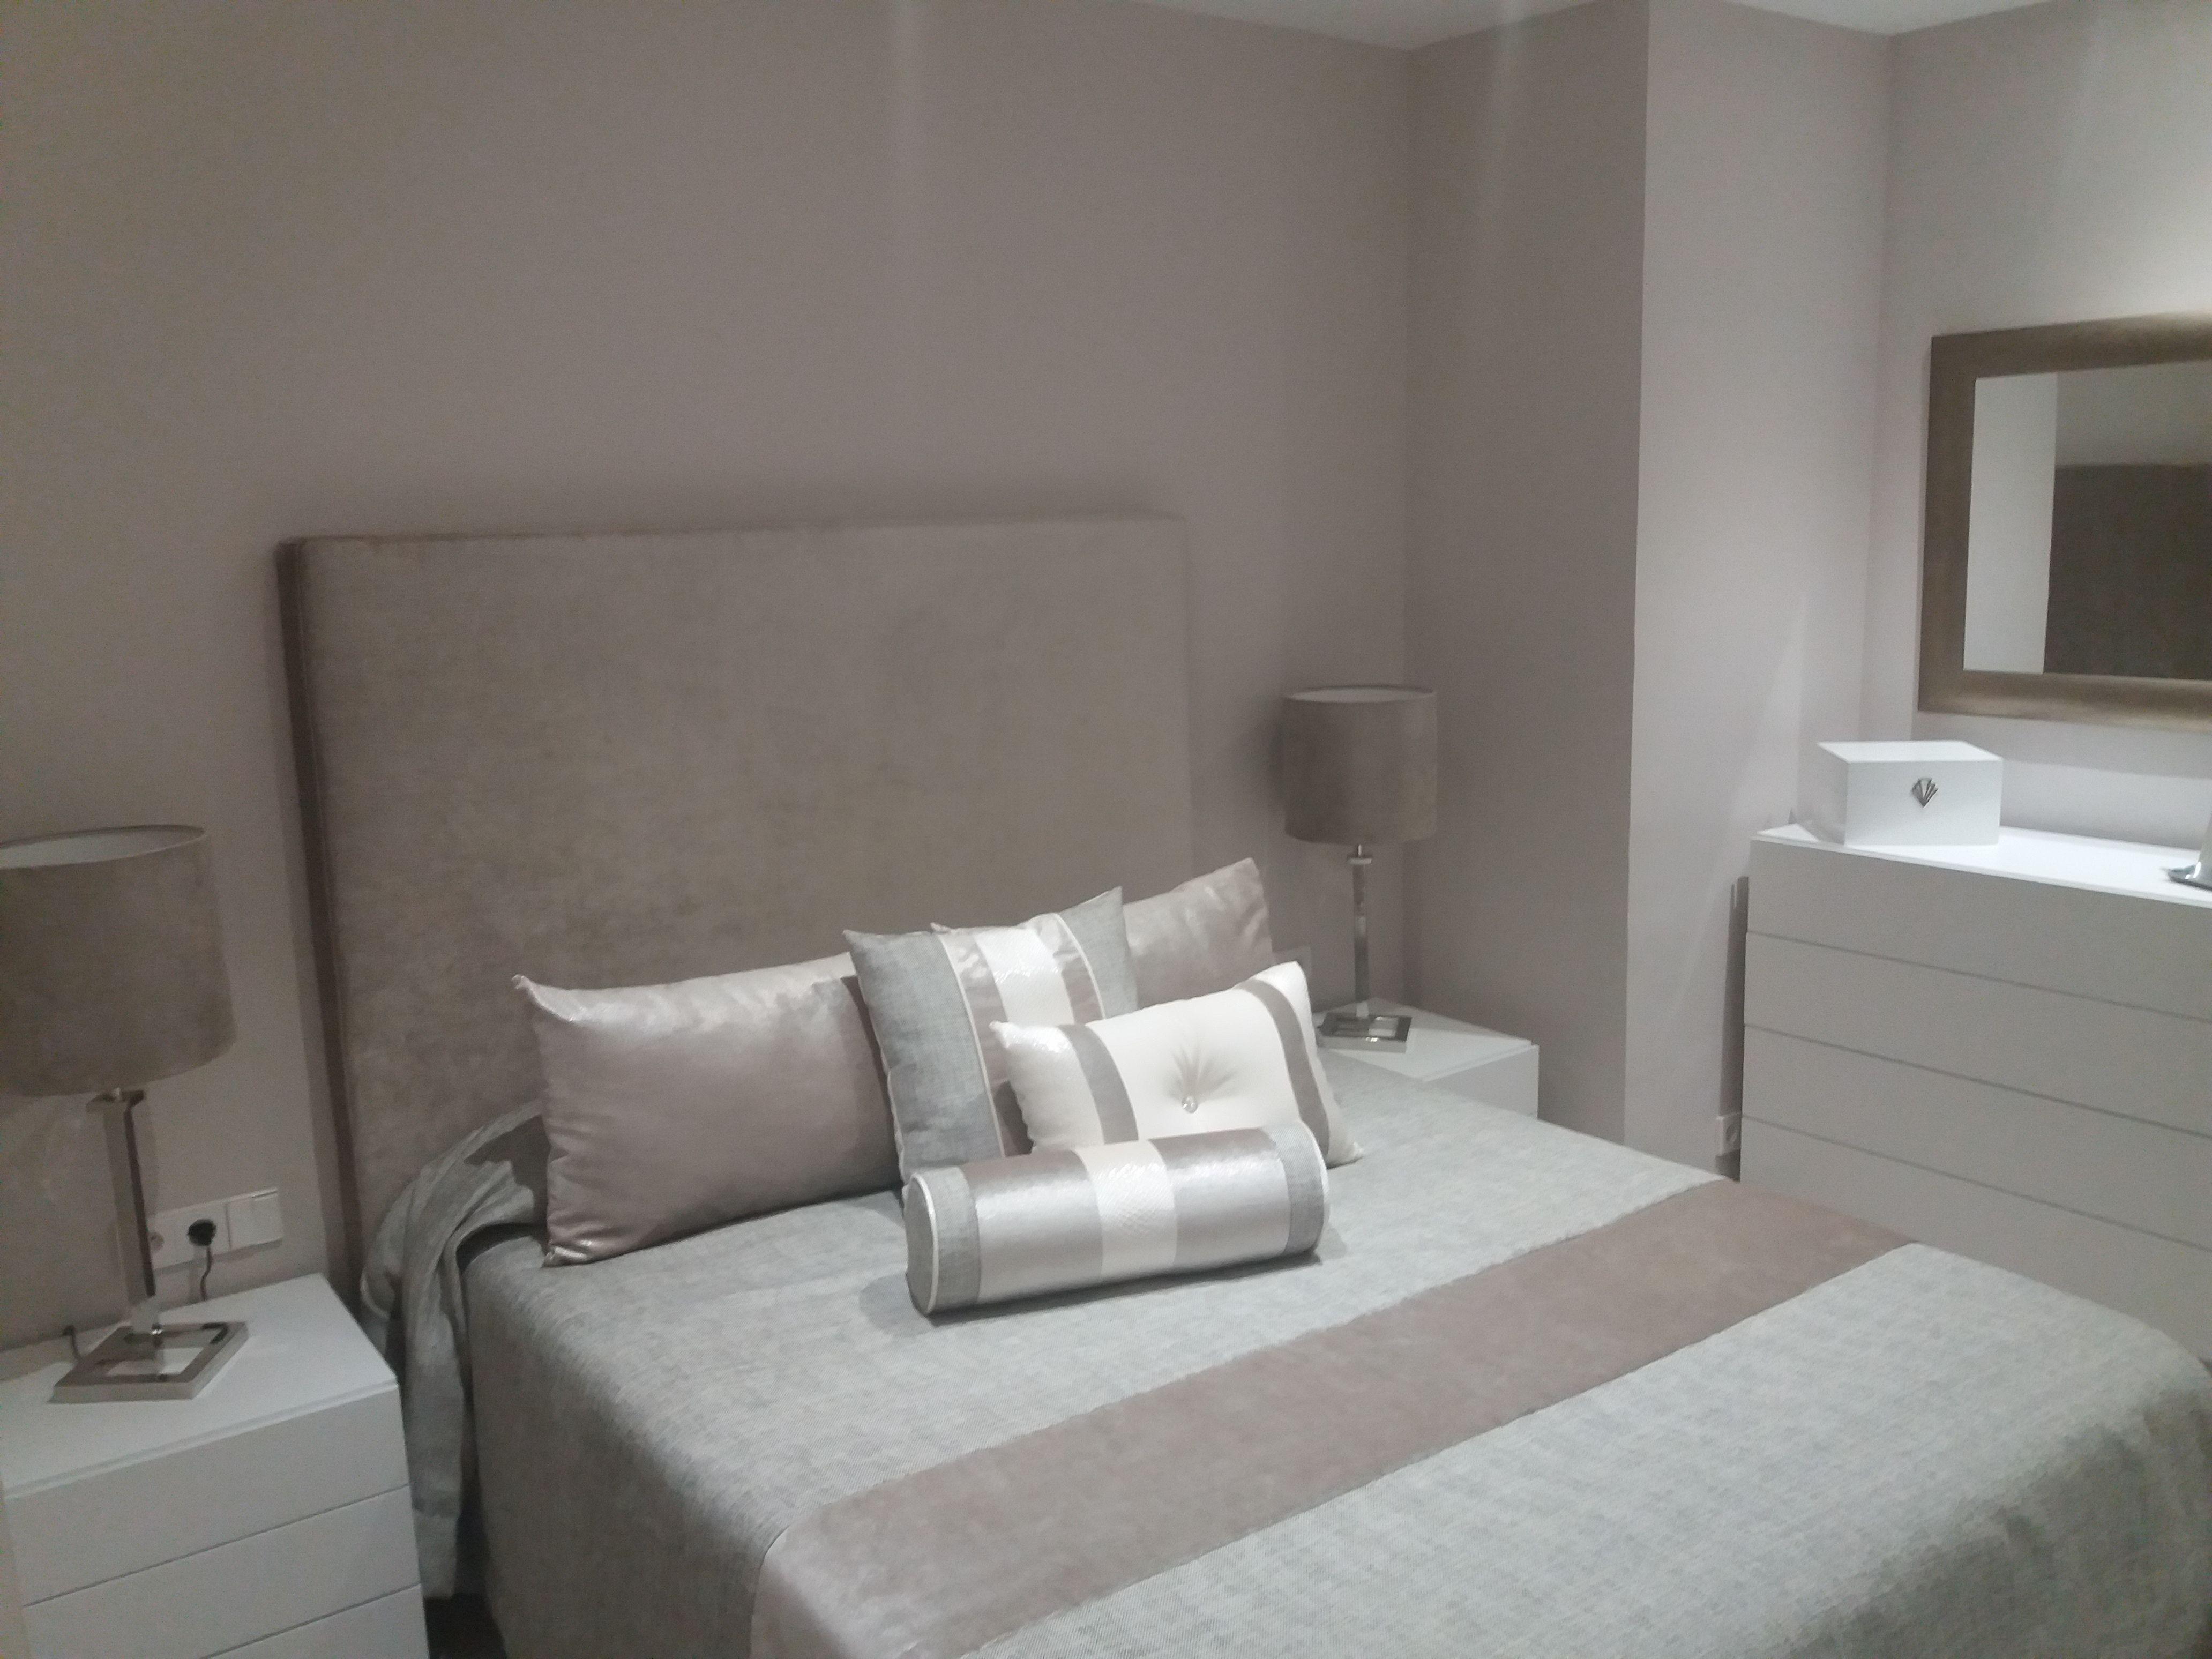 Foto 20 de Tienda de muebles en L'Hospitalet de Llobregat | Chousa